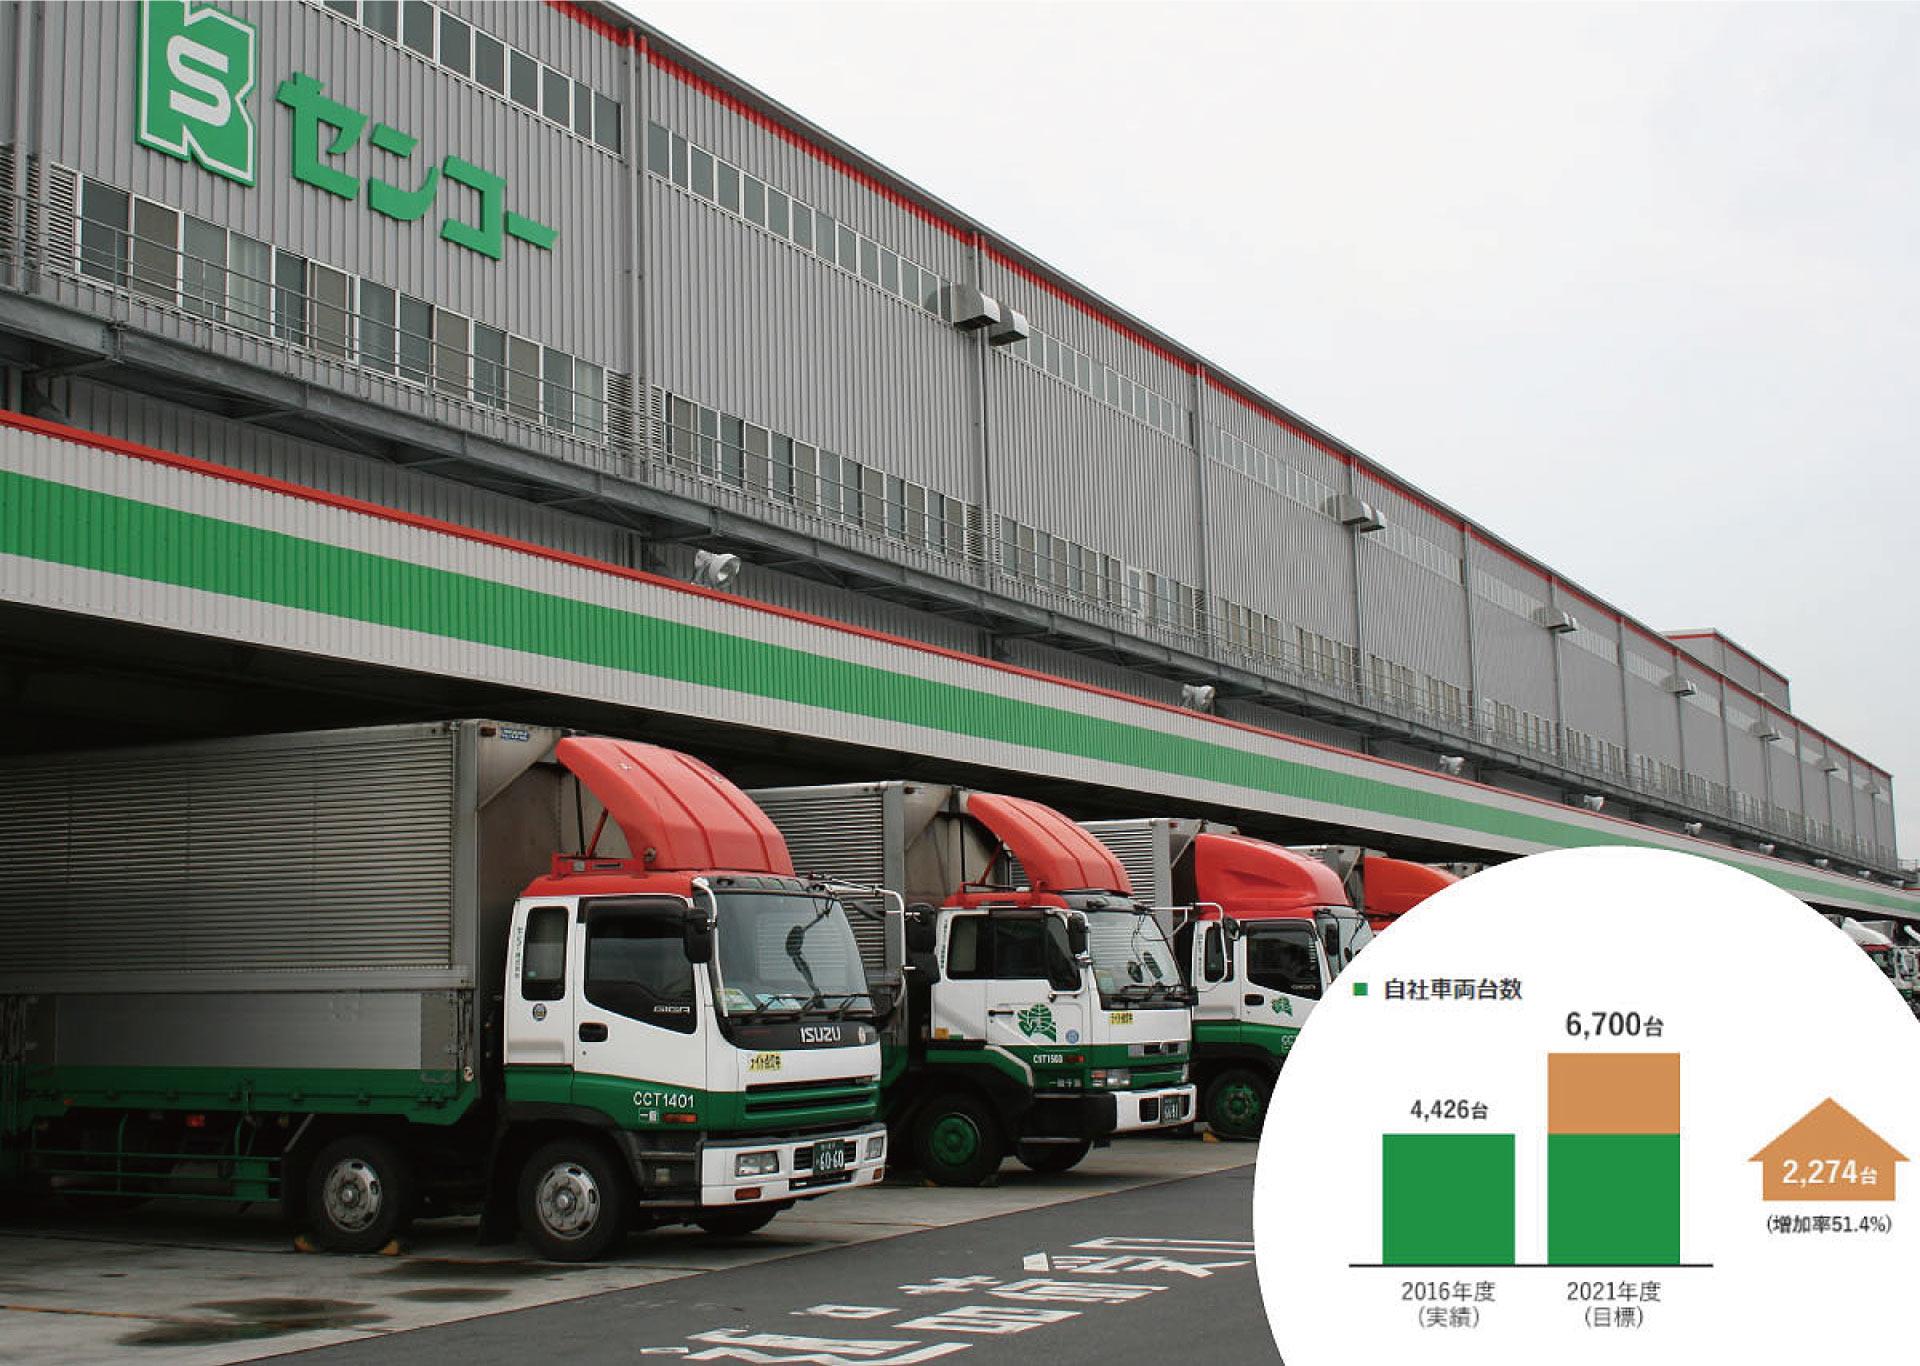 センコーグループは車両台数を年々増やし、輸送ネットワークに力を入れています